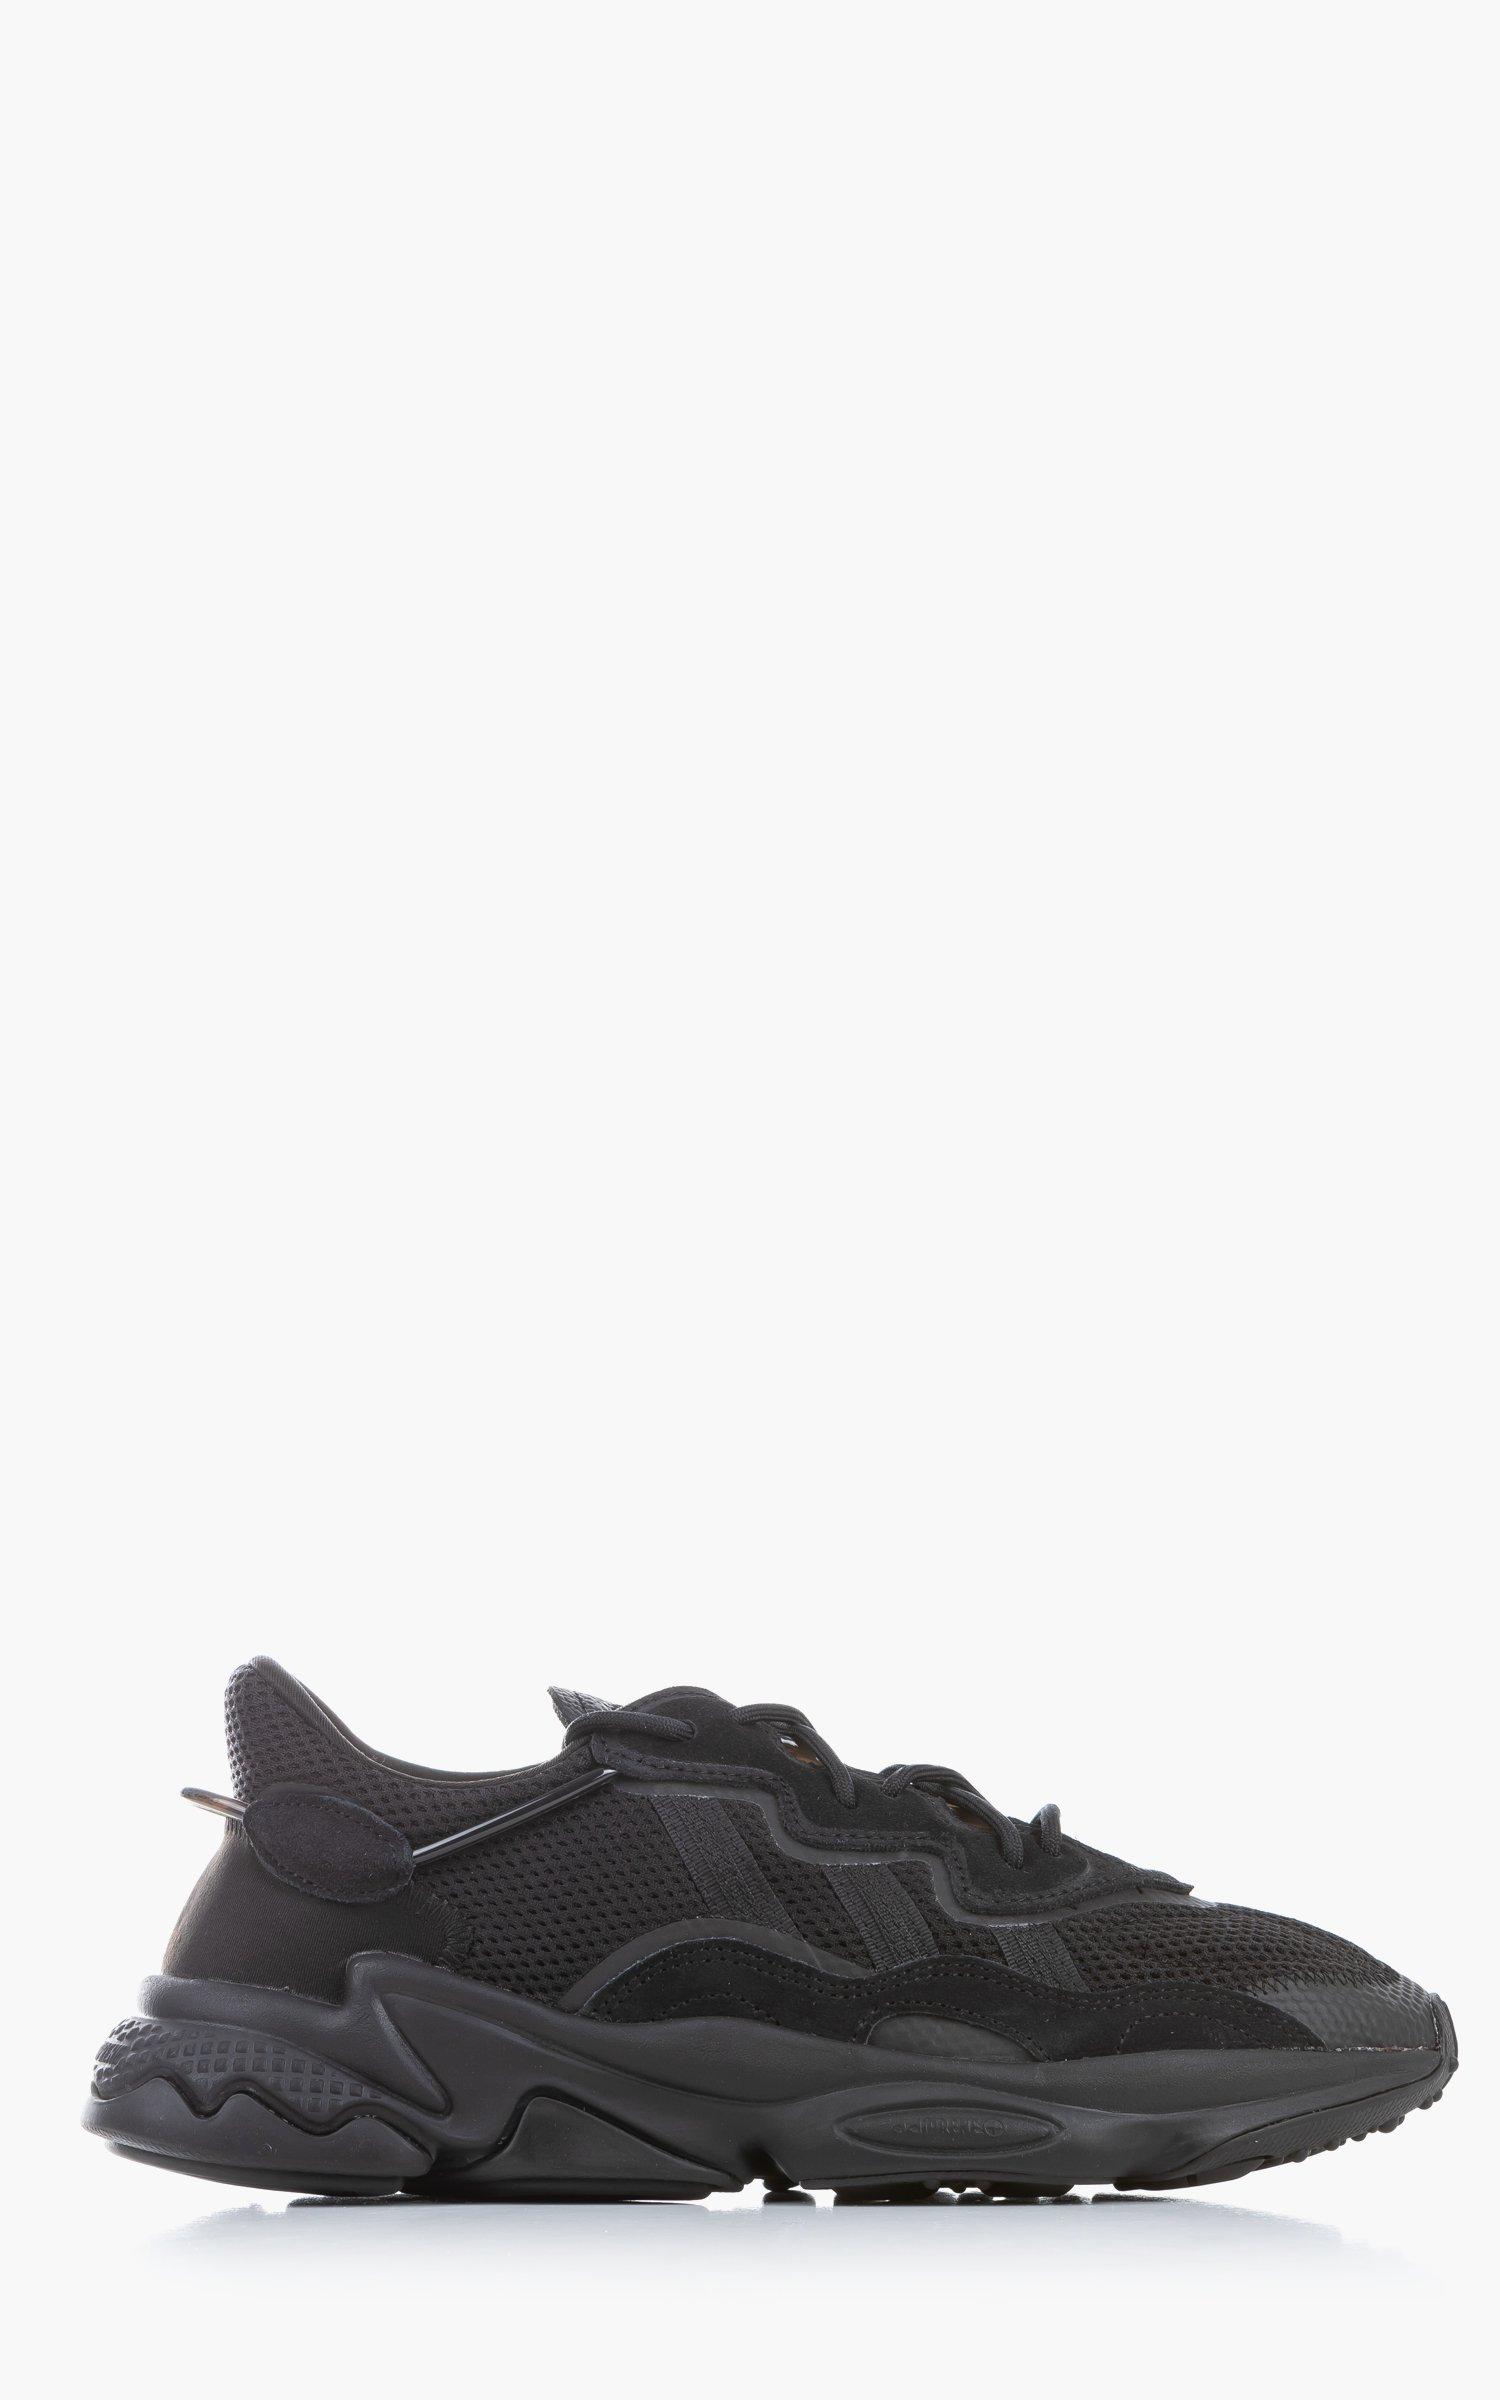 Adidas Originals Ozweego Black/Black/Carbon